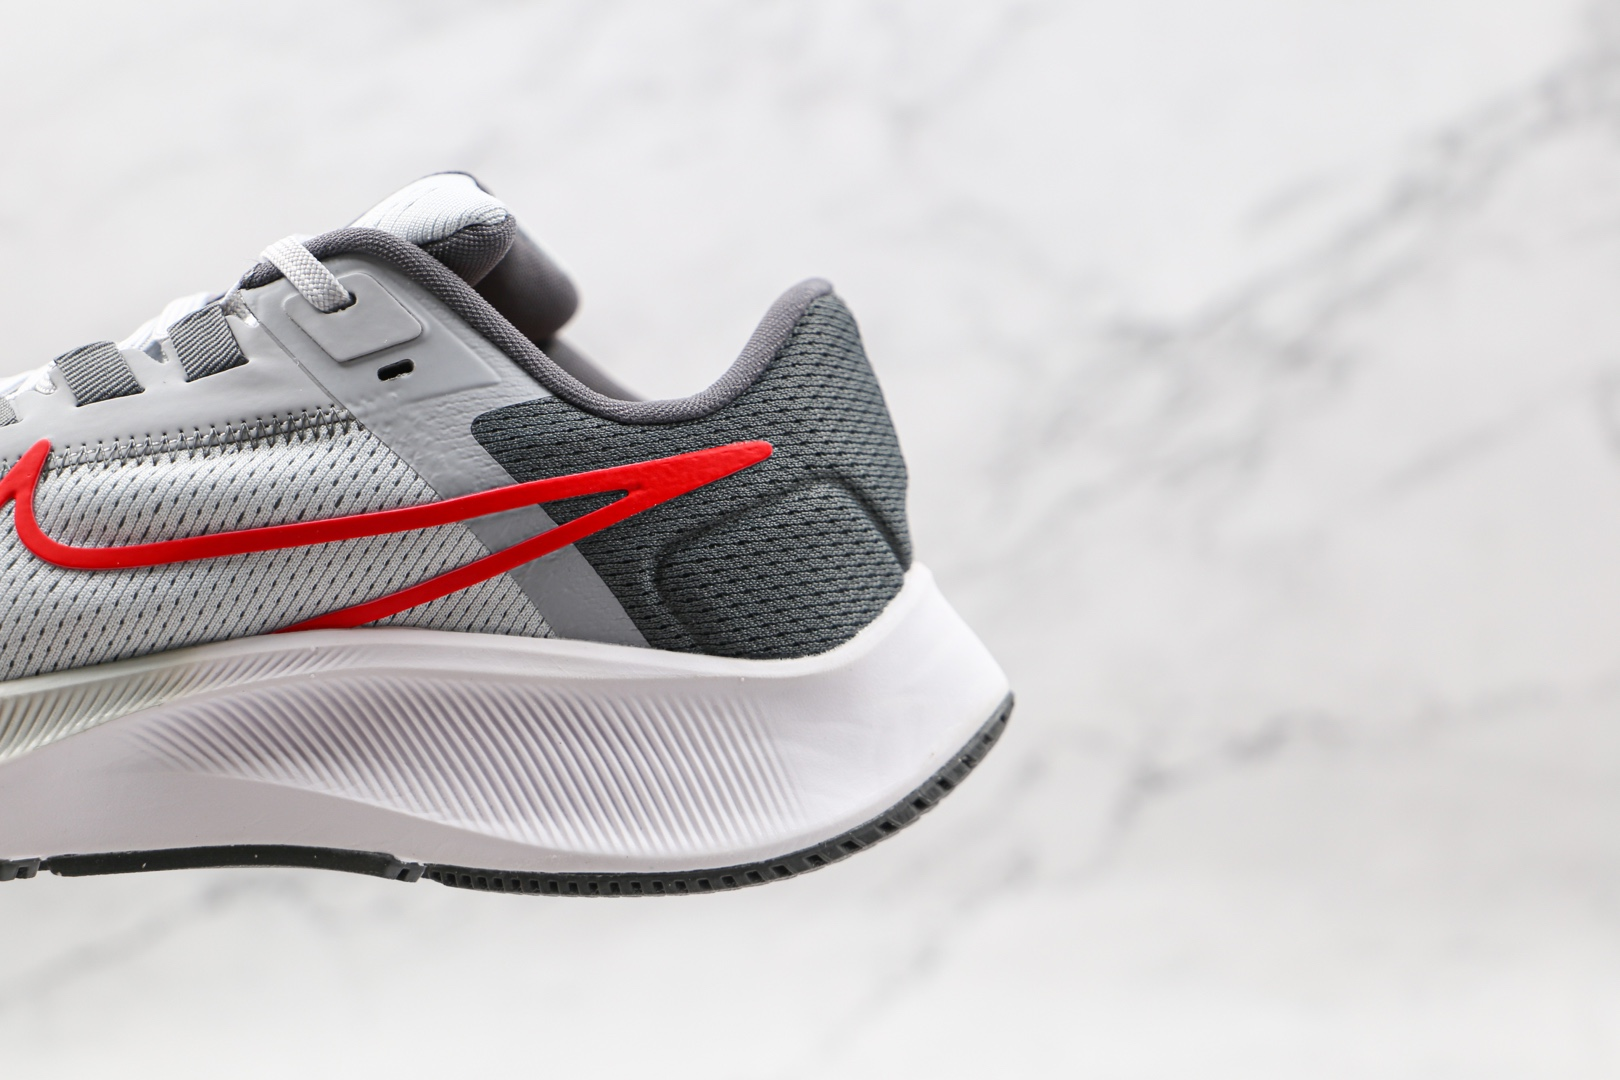 耐克Nike Air Zoom Pegasus 38纯原版本登月38代白灰色红钩慢跑鞋原鞋开模一比一打造 货号:CW7356-004